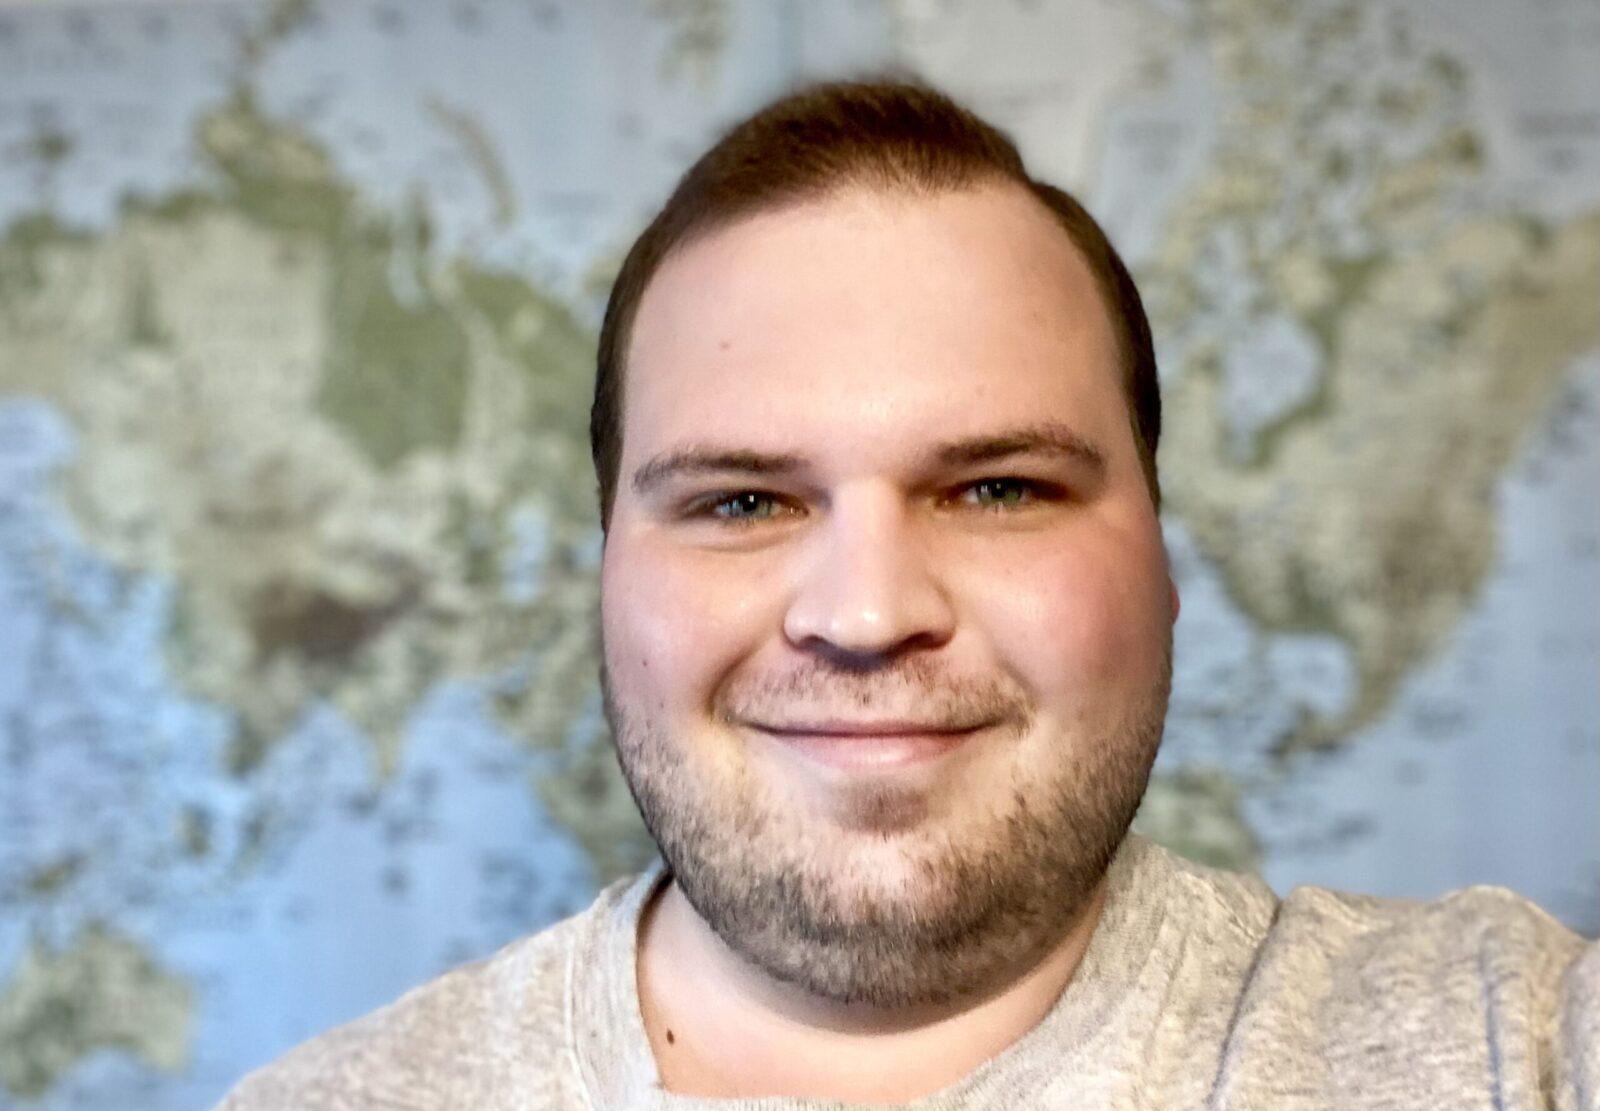 Niklas Berger